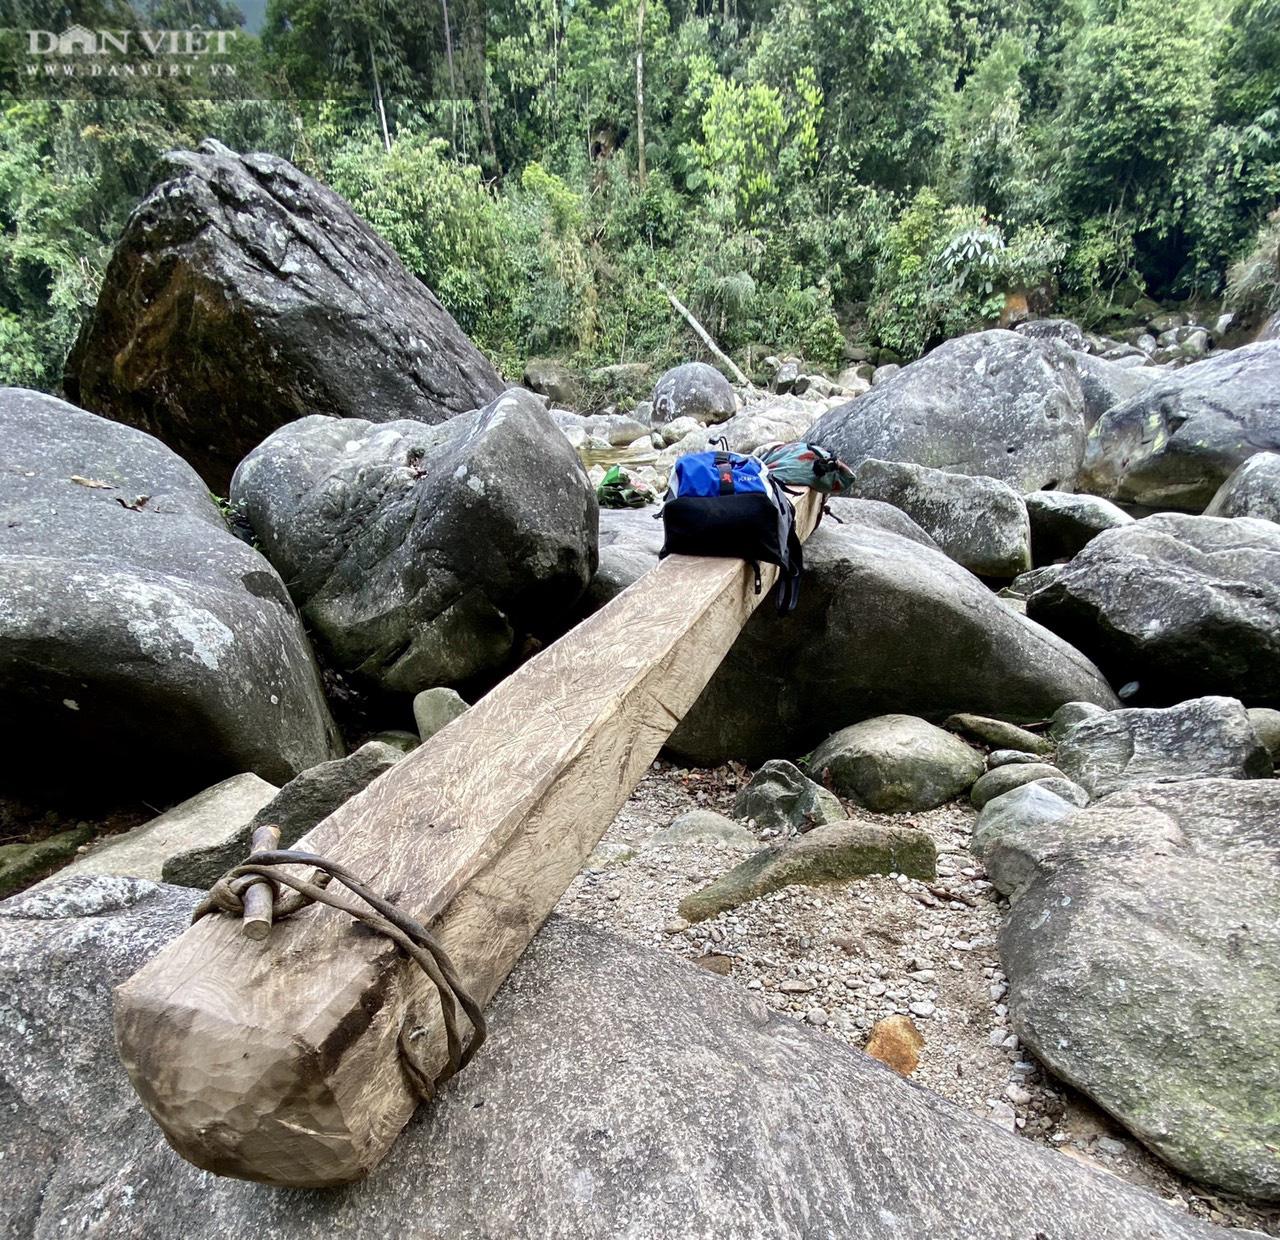 """Phá Vườn quốc gia Hoàng Liên (Bài 3): Kiểm lâm """"lượn qua"""", lâm tặc vẫn chở gỗ ầm ầm - Ảnh 2."""